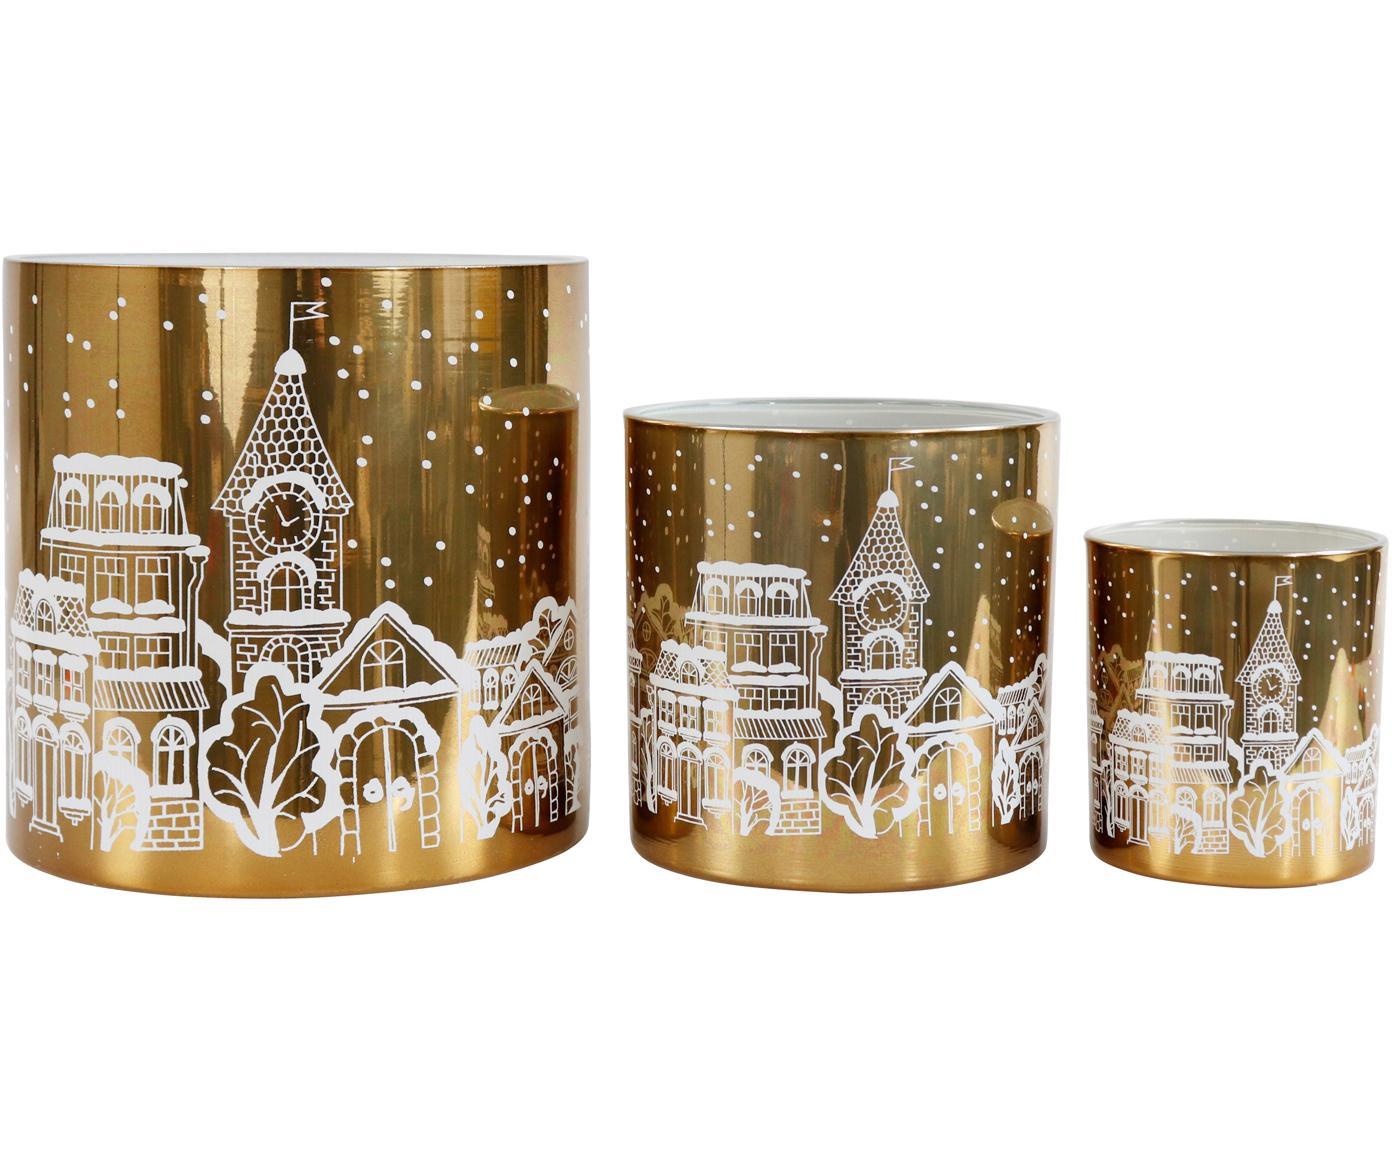 Windlichtenset Winter Wonderland, 3-delig, Glas, Zwart, Verschillende formaten